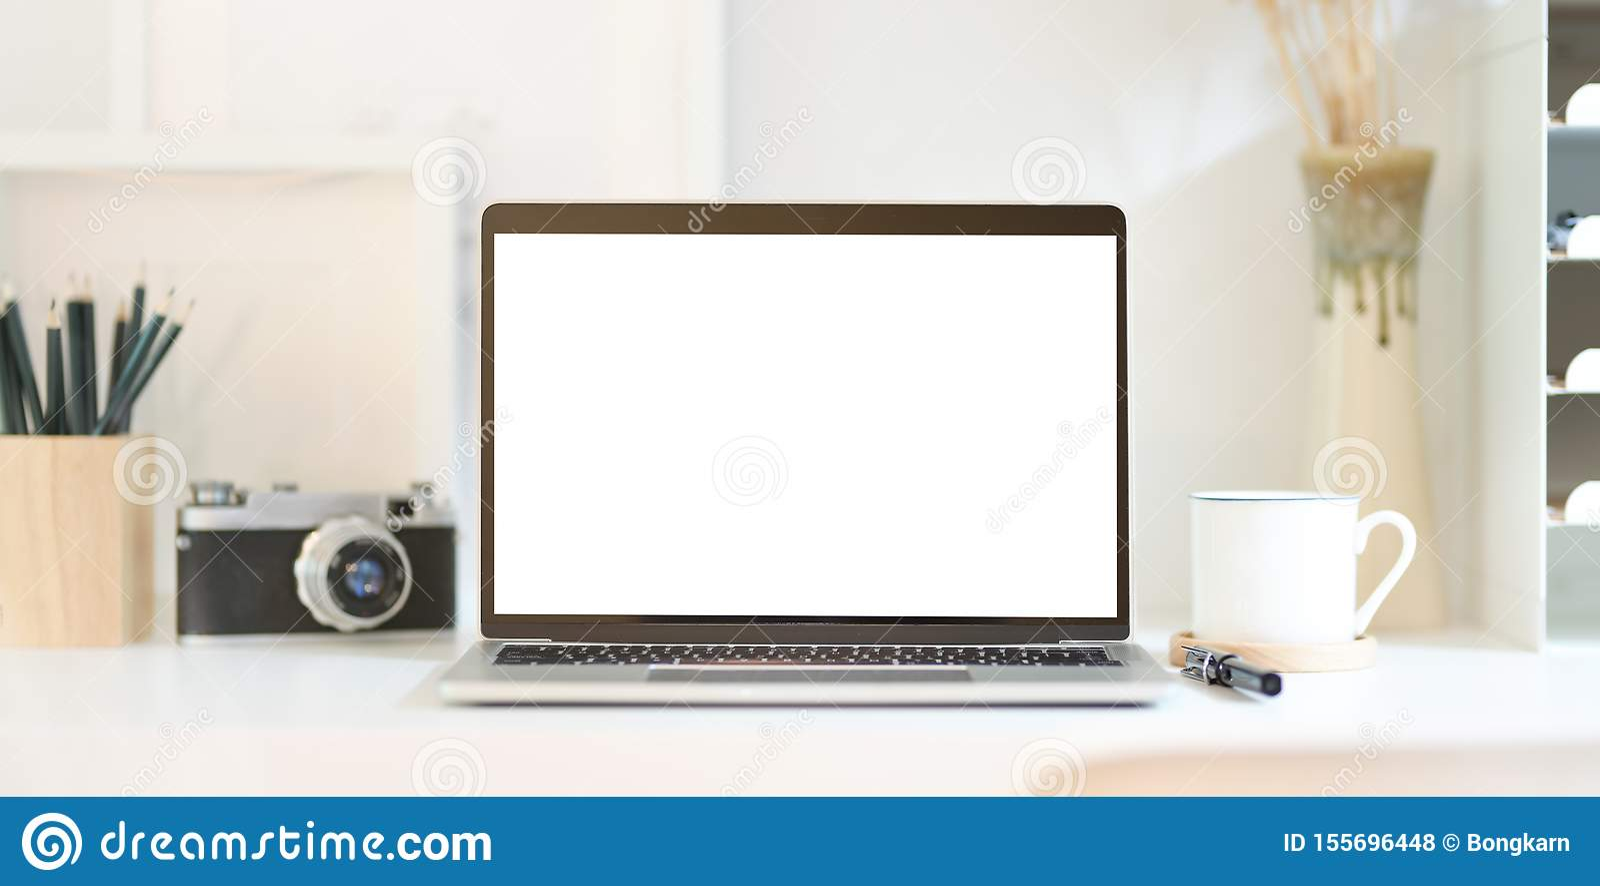 Der Arbeitsplatz des Berufsfotografen mit offenem Laptop des leeren Bildschirms